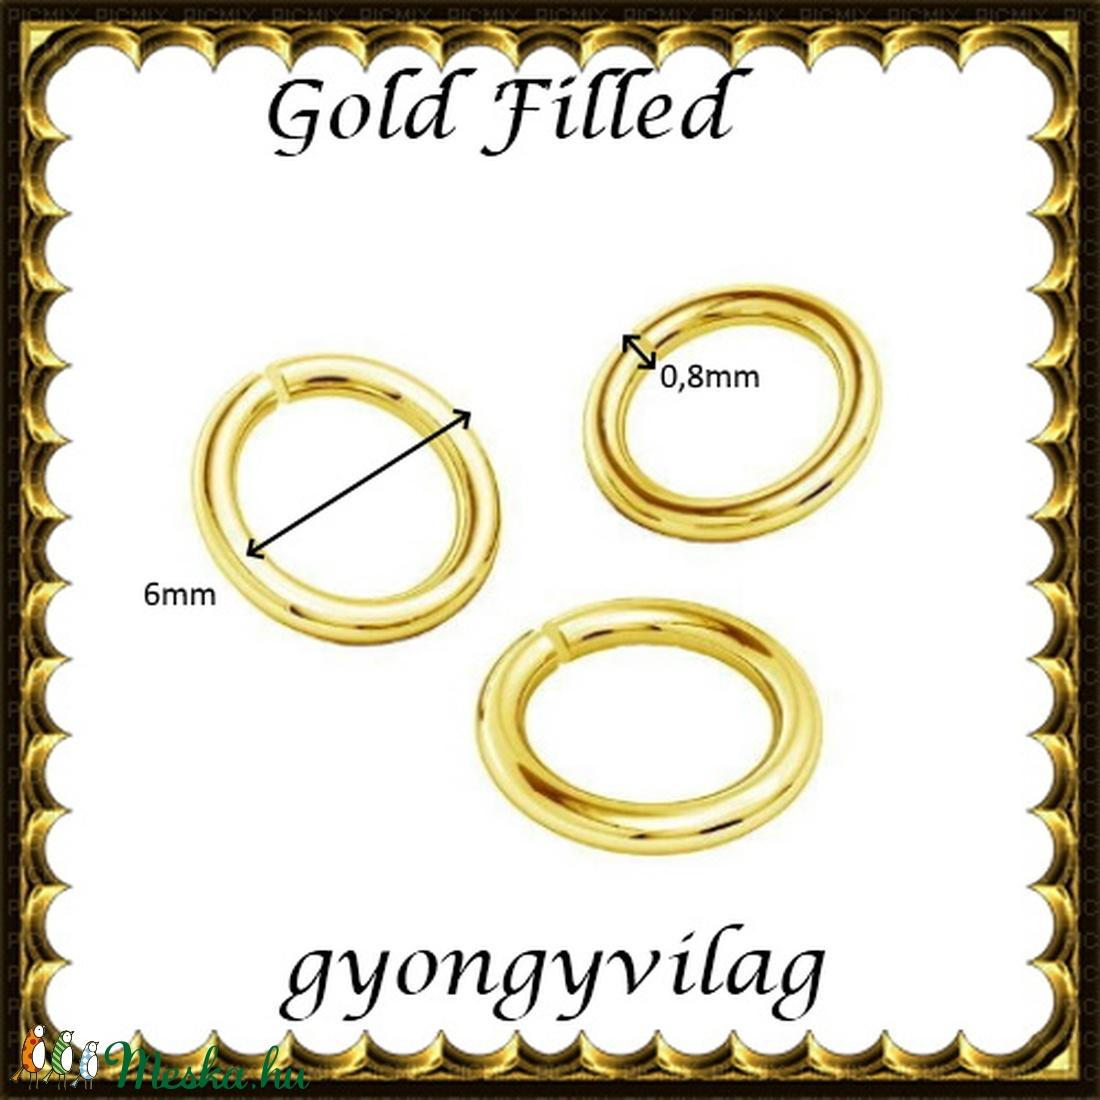 925-ös ezüst karika ESZK NY gold filled 6x0,8 - gyöngy, ékszerkellék - egyéb alkatrész - Meska.hu